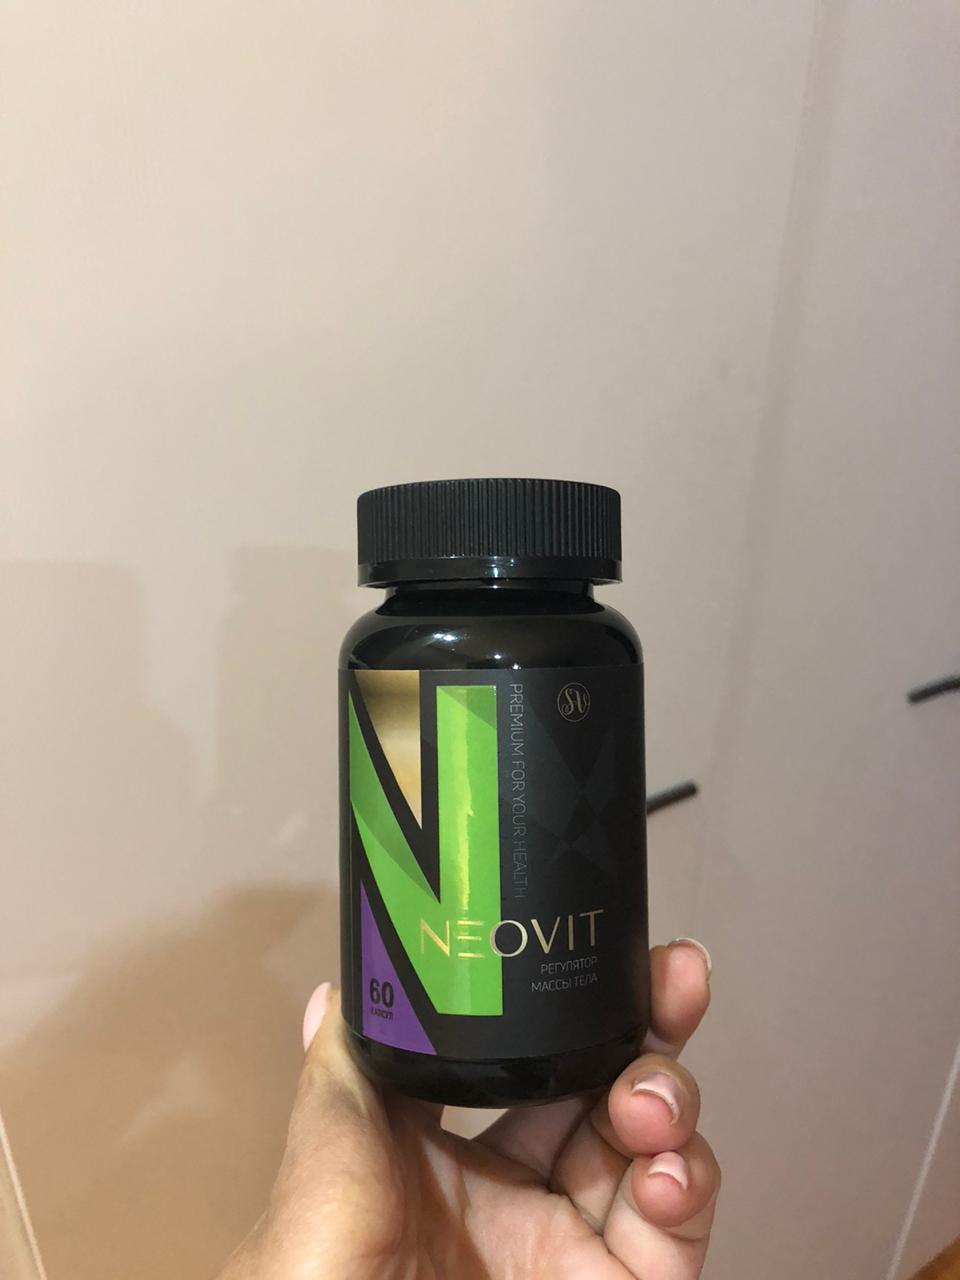 Лучший препарат для похудения 2017